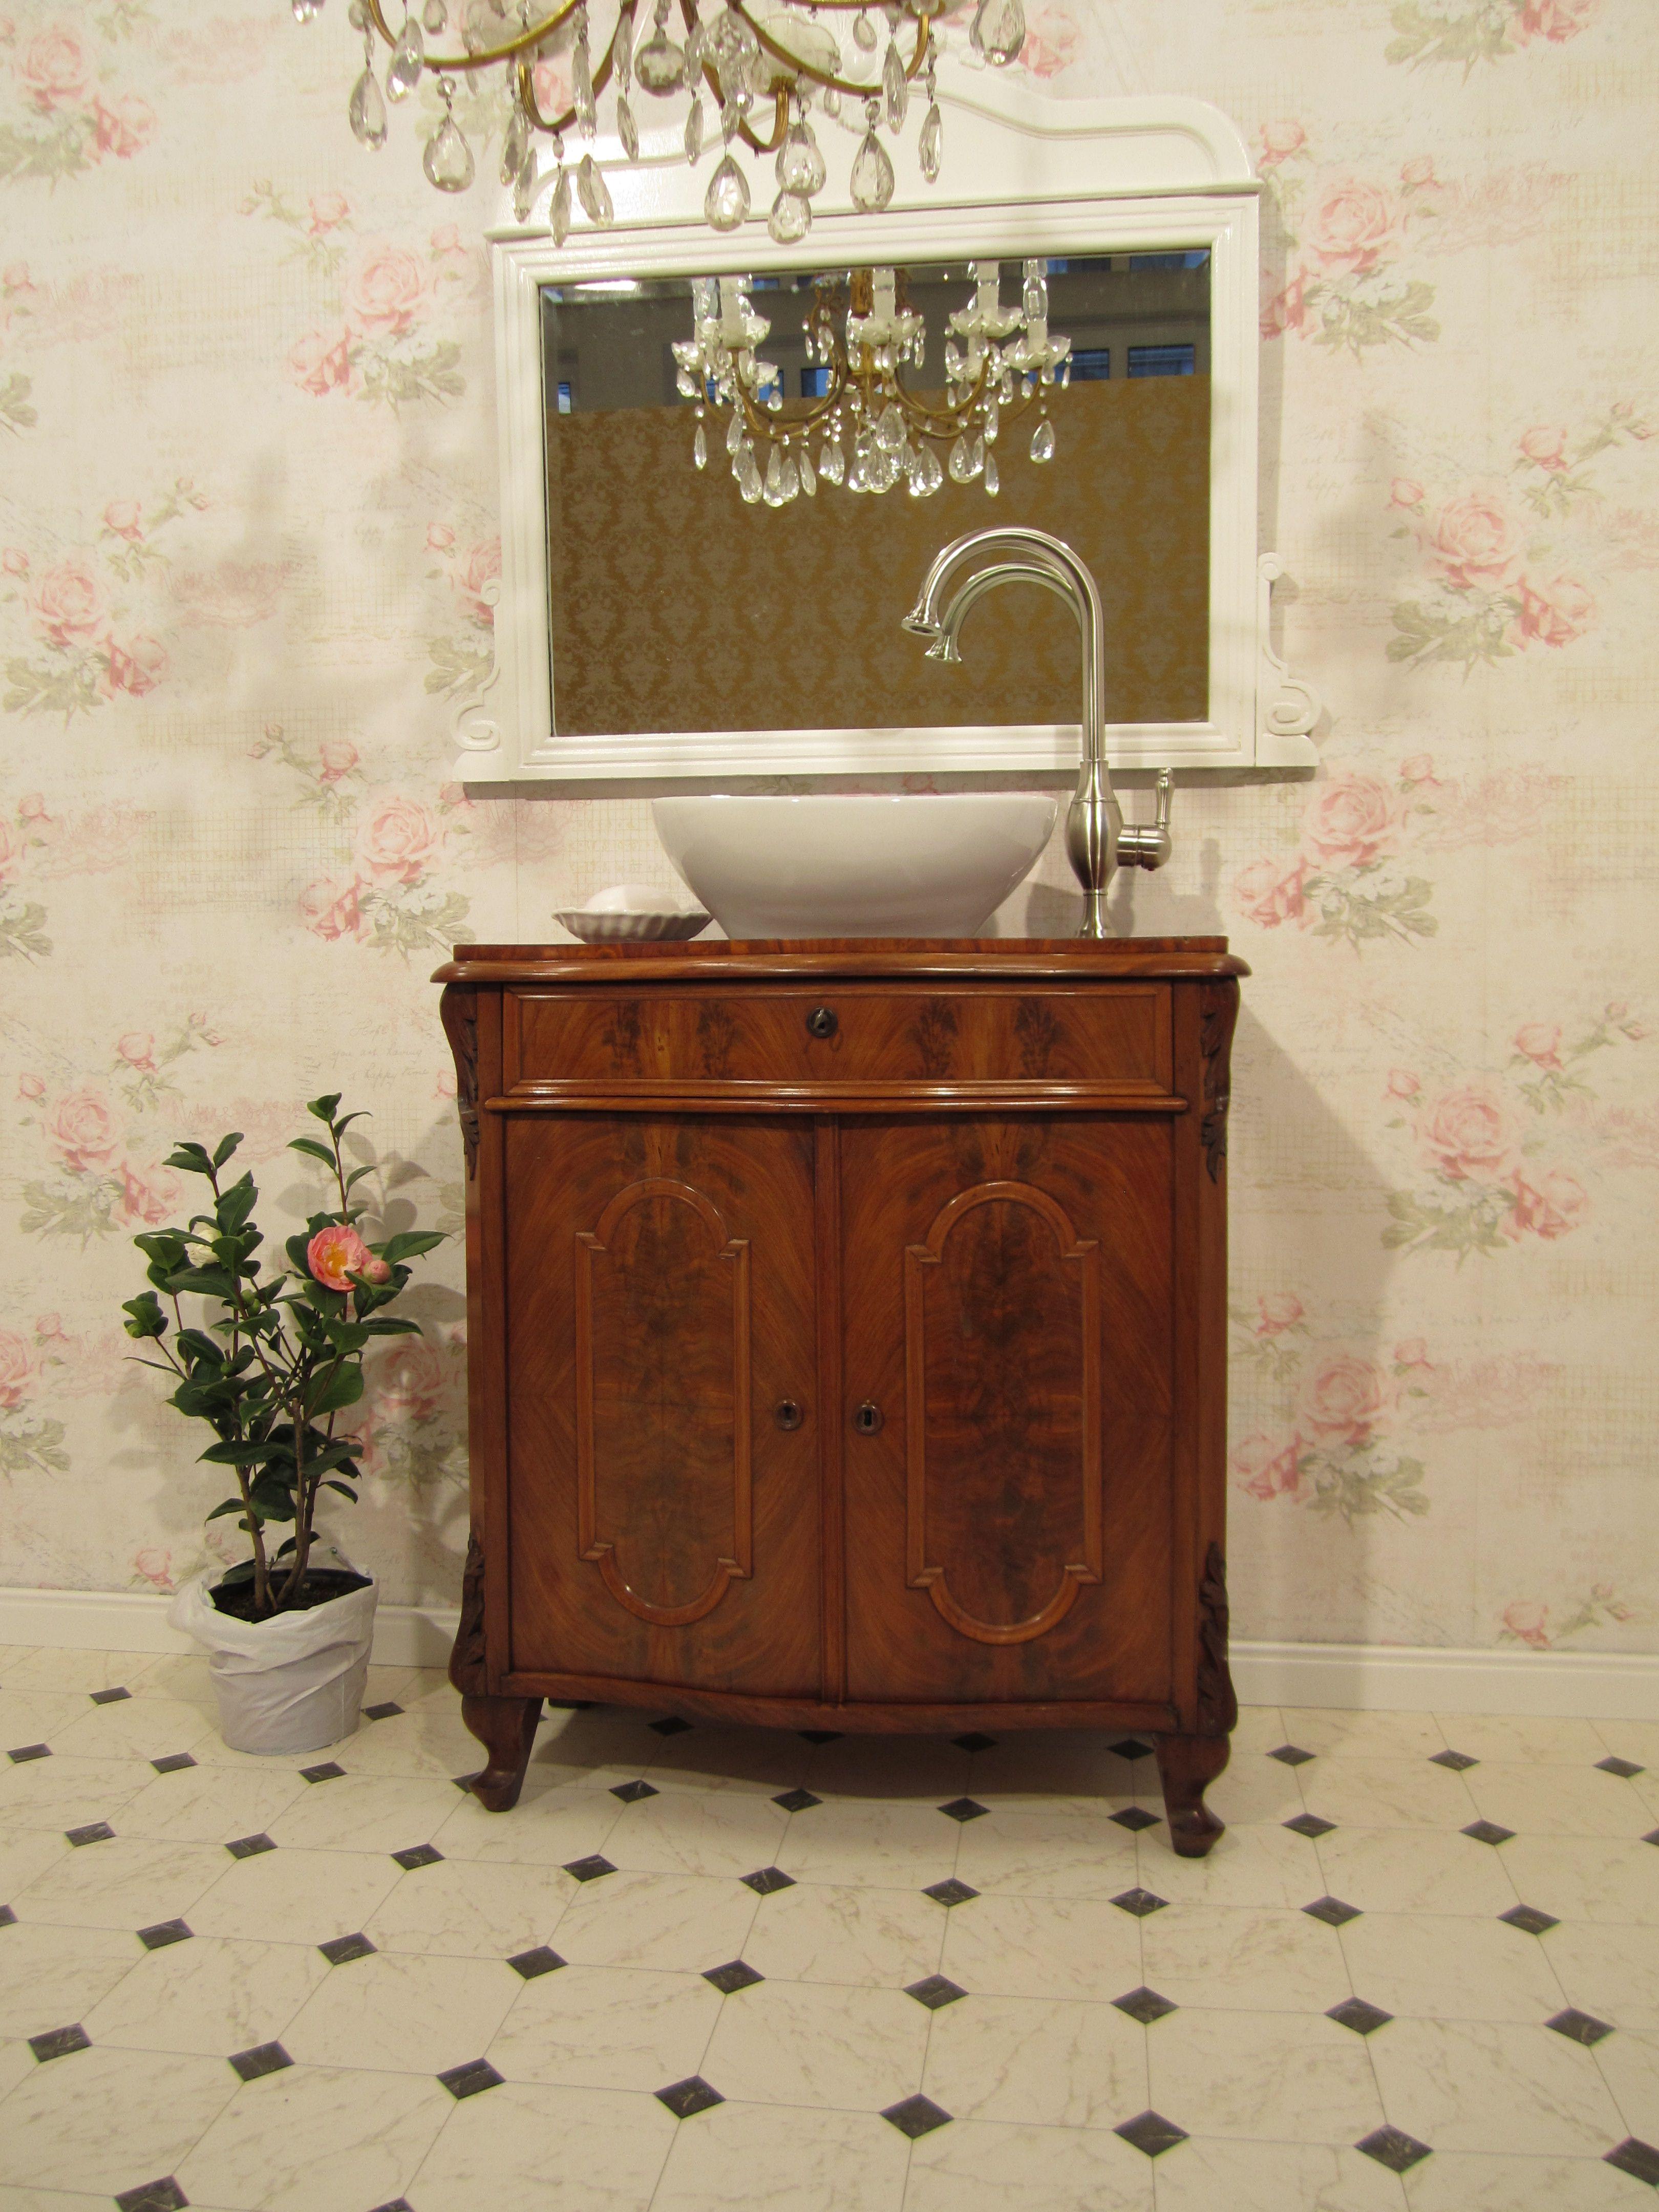 Badmobel Landhaus Mit Diesem Feinen Badmobel Antik Im Louis